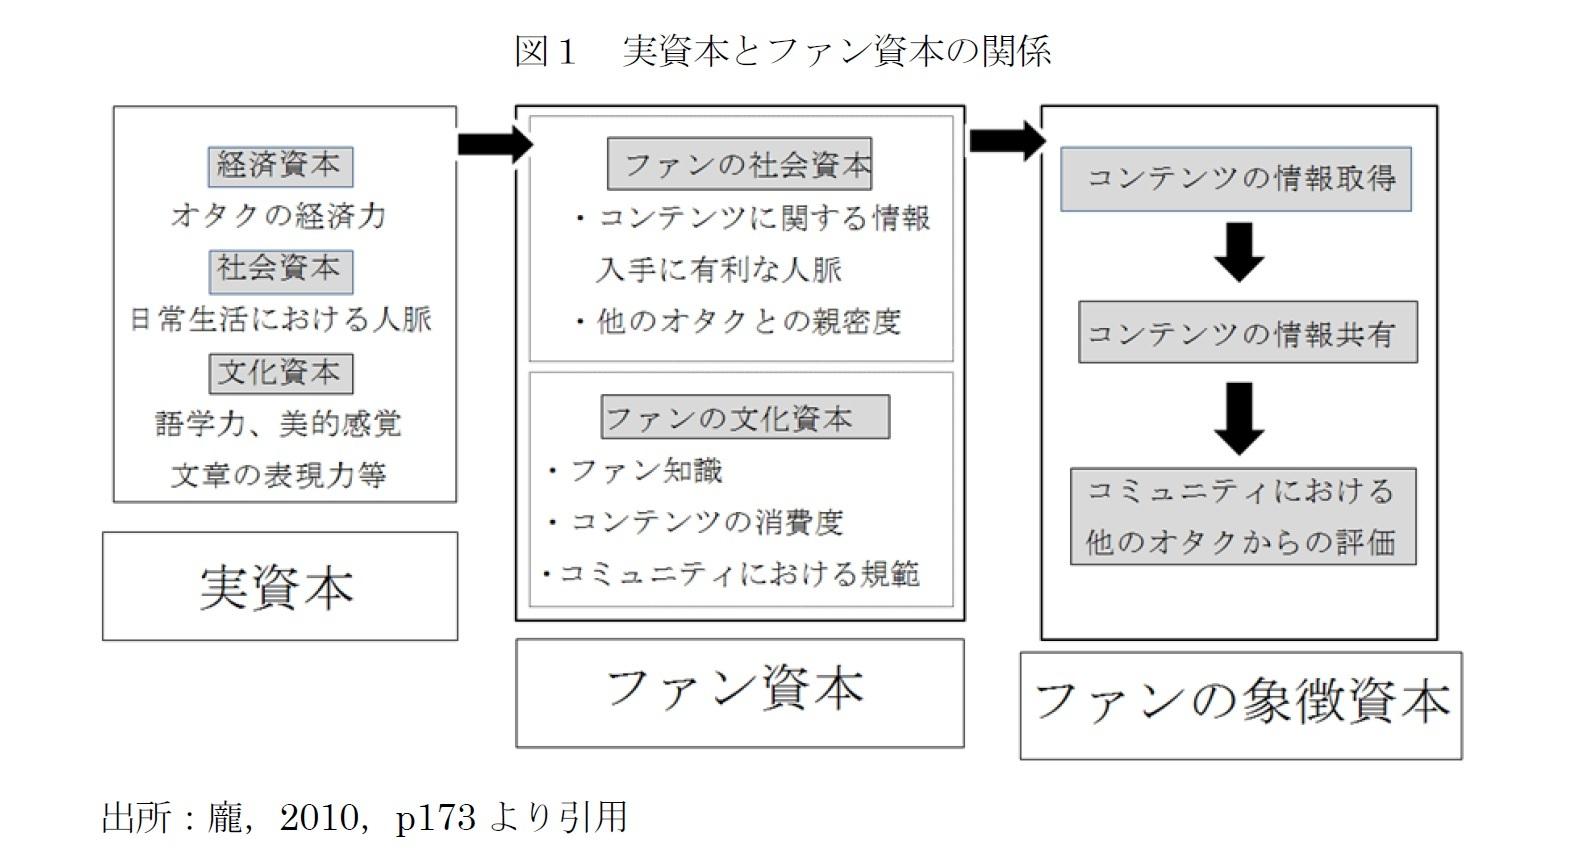 図1 実資本とファン資本の関係